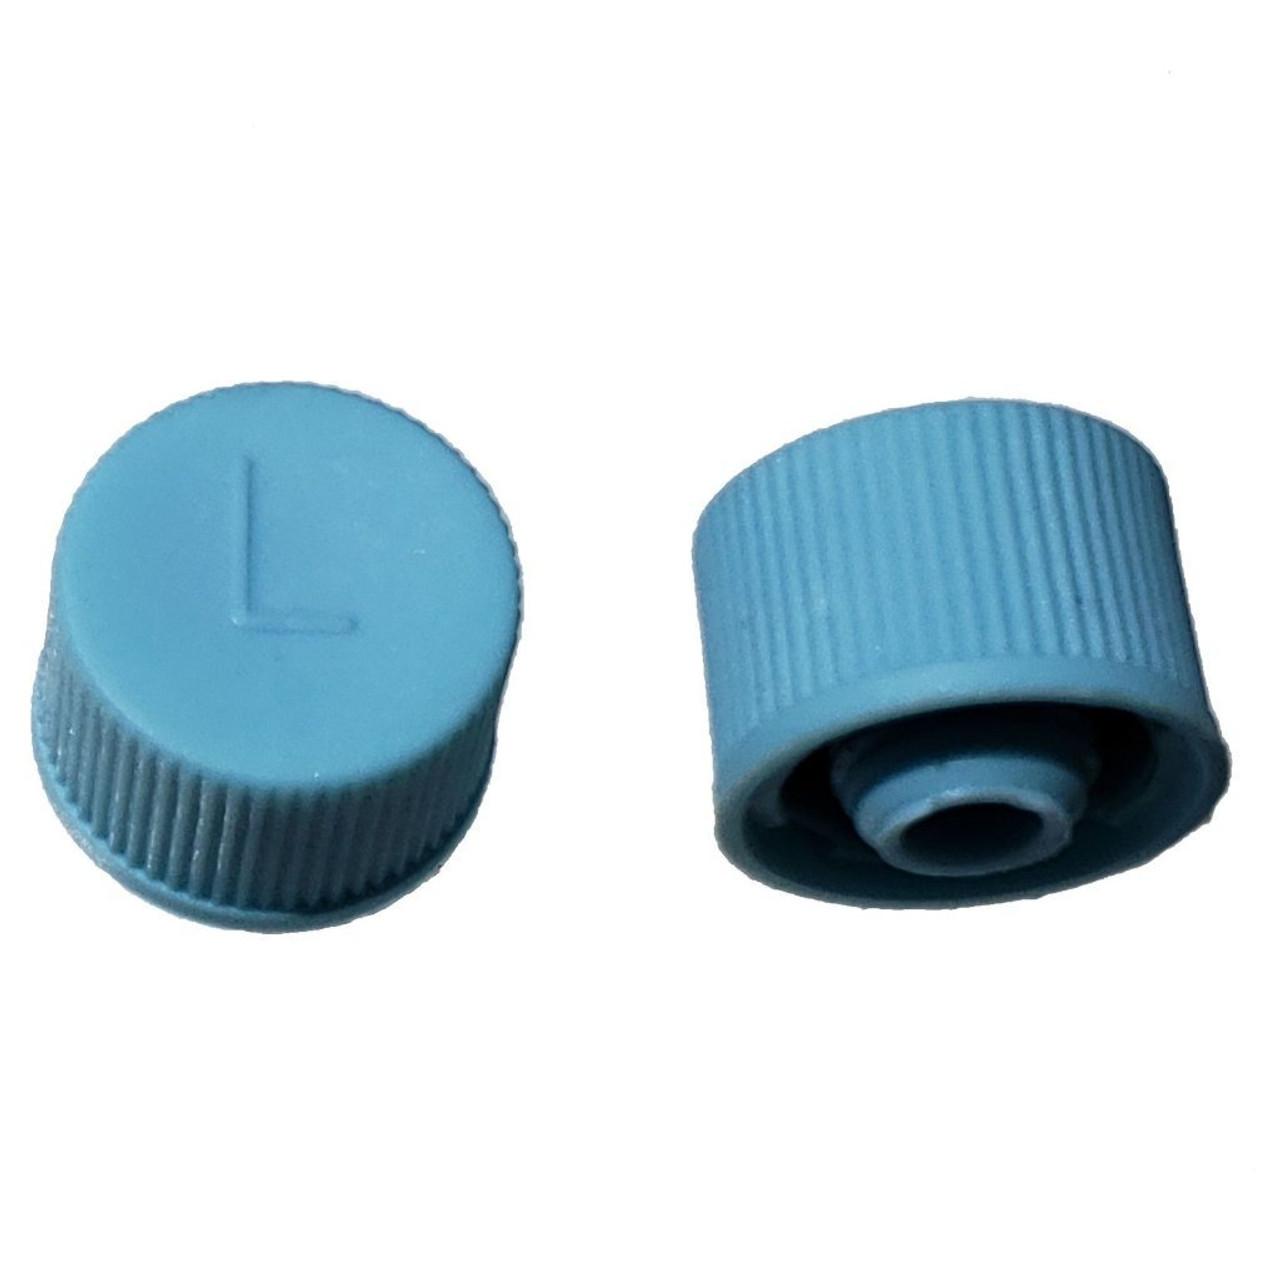 AC Service Valve Cap R134a - Blue Low Side M9x1.0 - Interchanges: MT0310, 69500